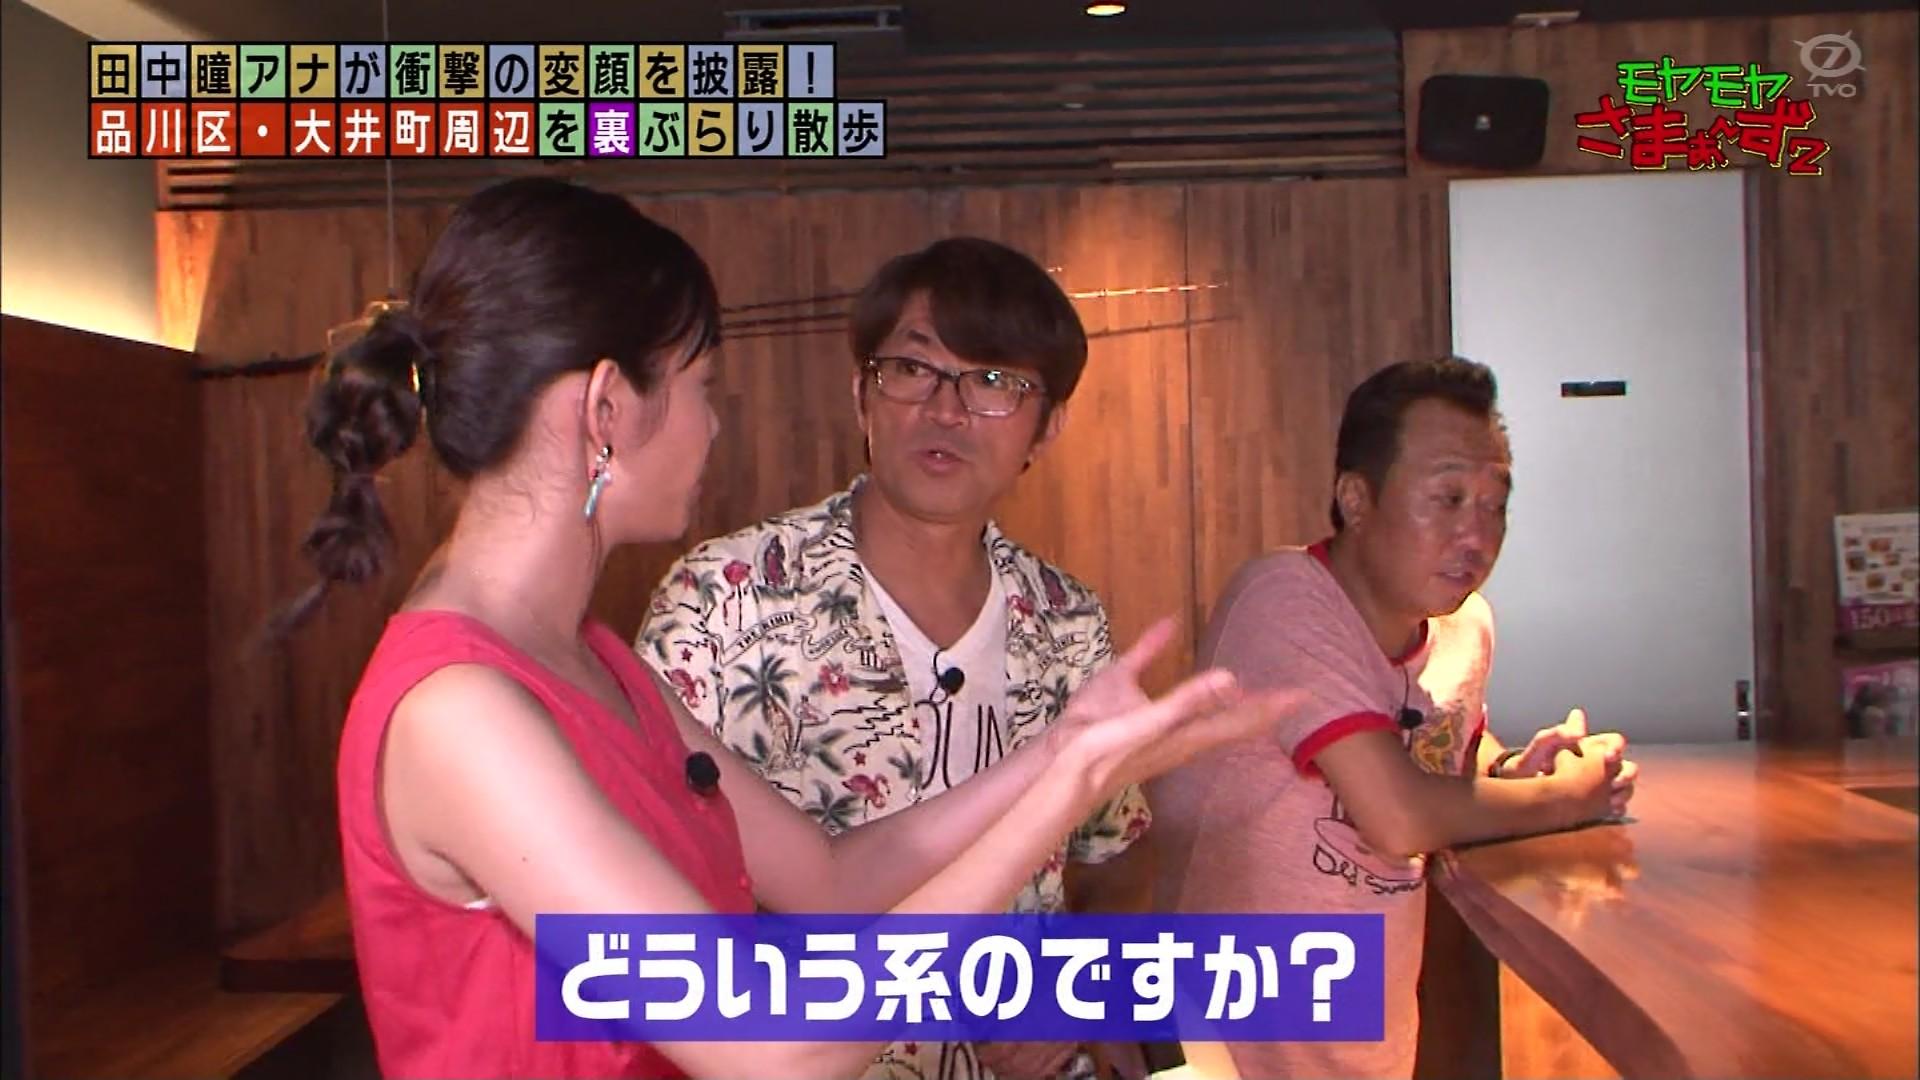 2019年9月1日に放送された「モヤモヤさまぁ~ず2」田中瞳さんのテレビキャプチャー画像-021